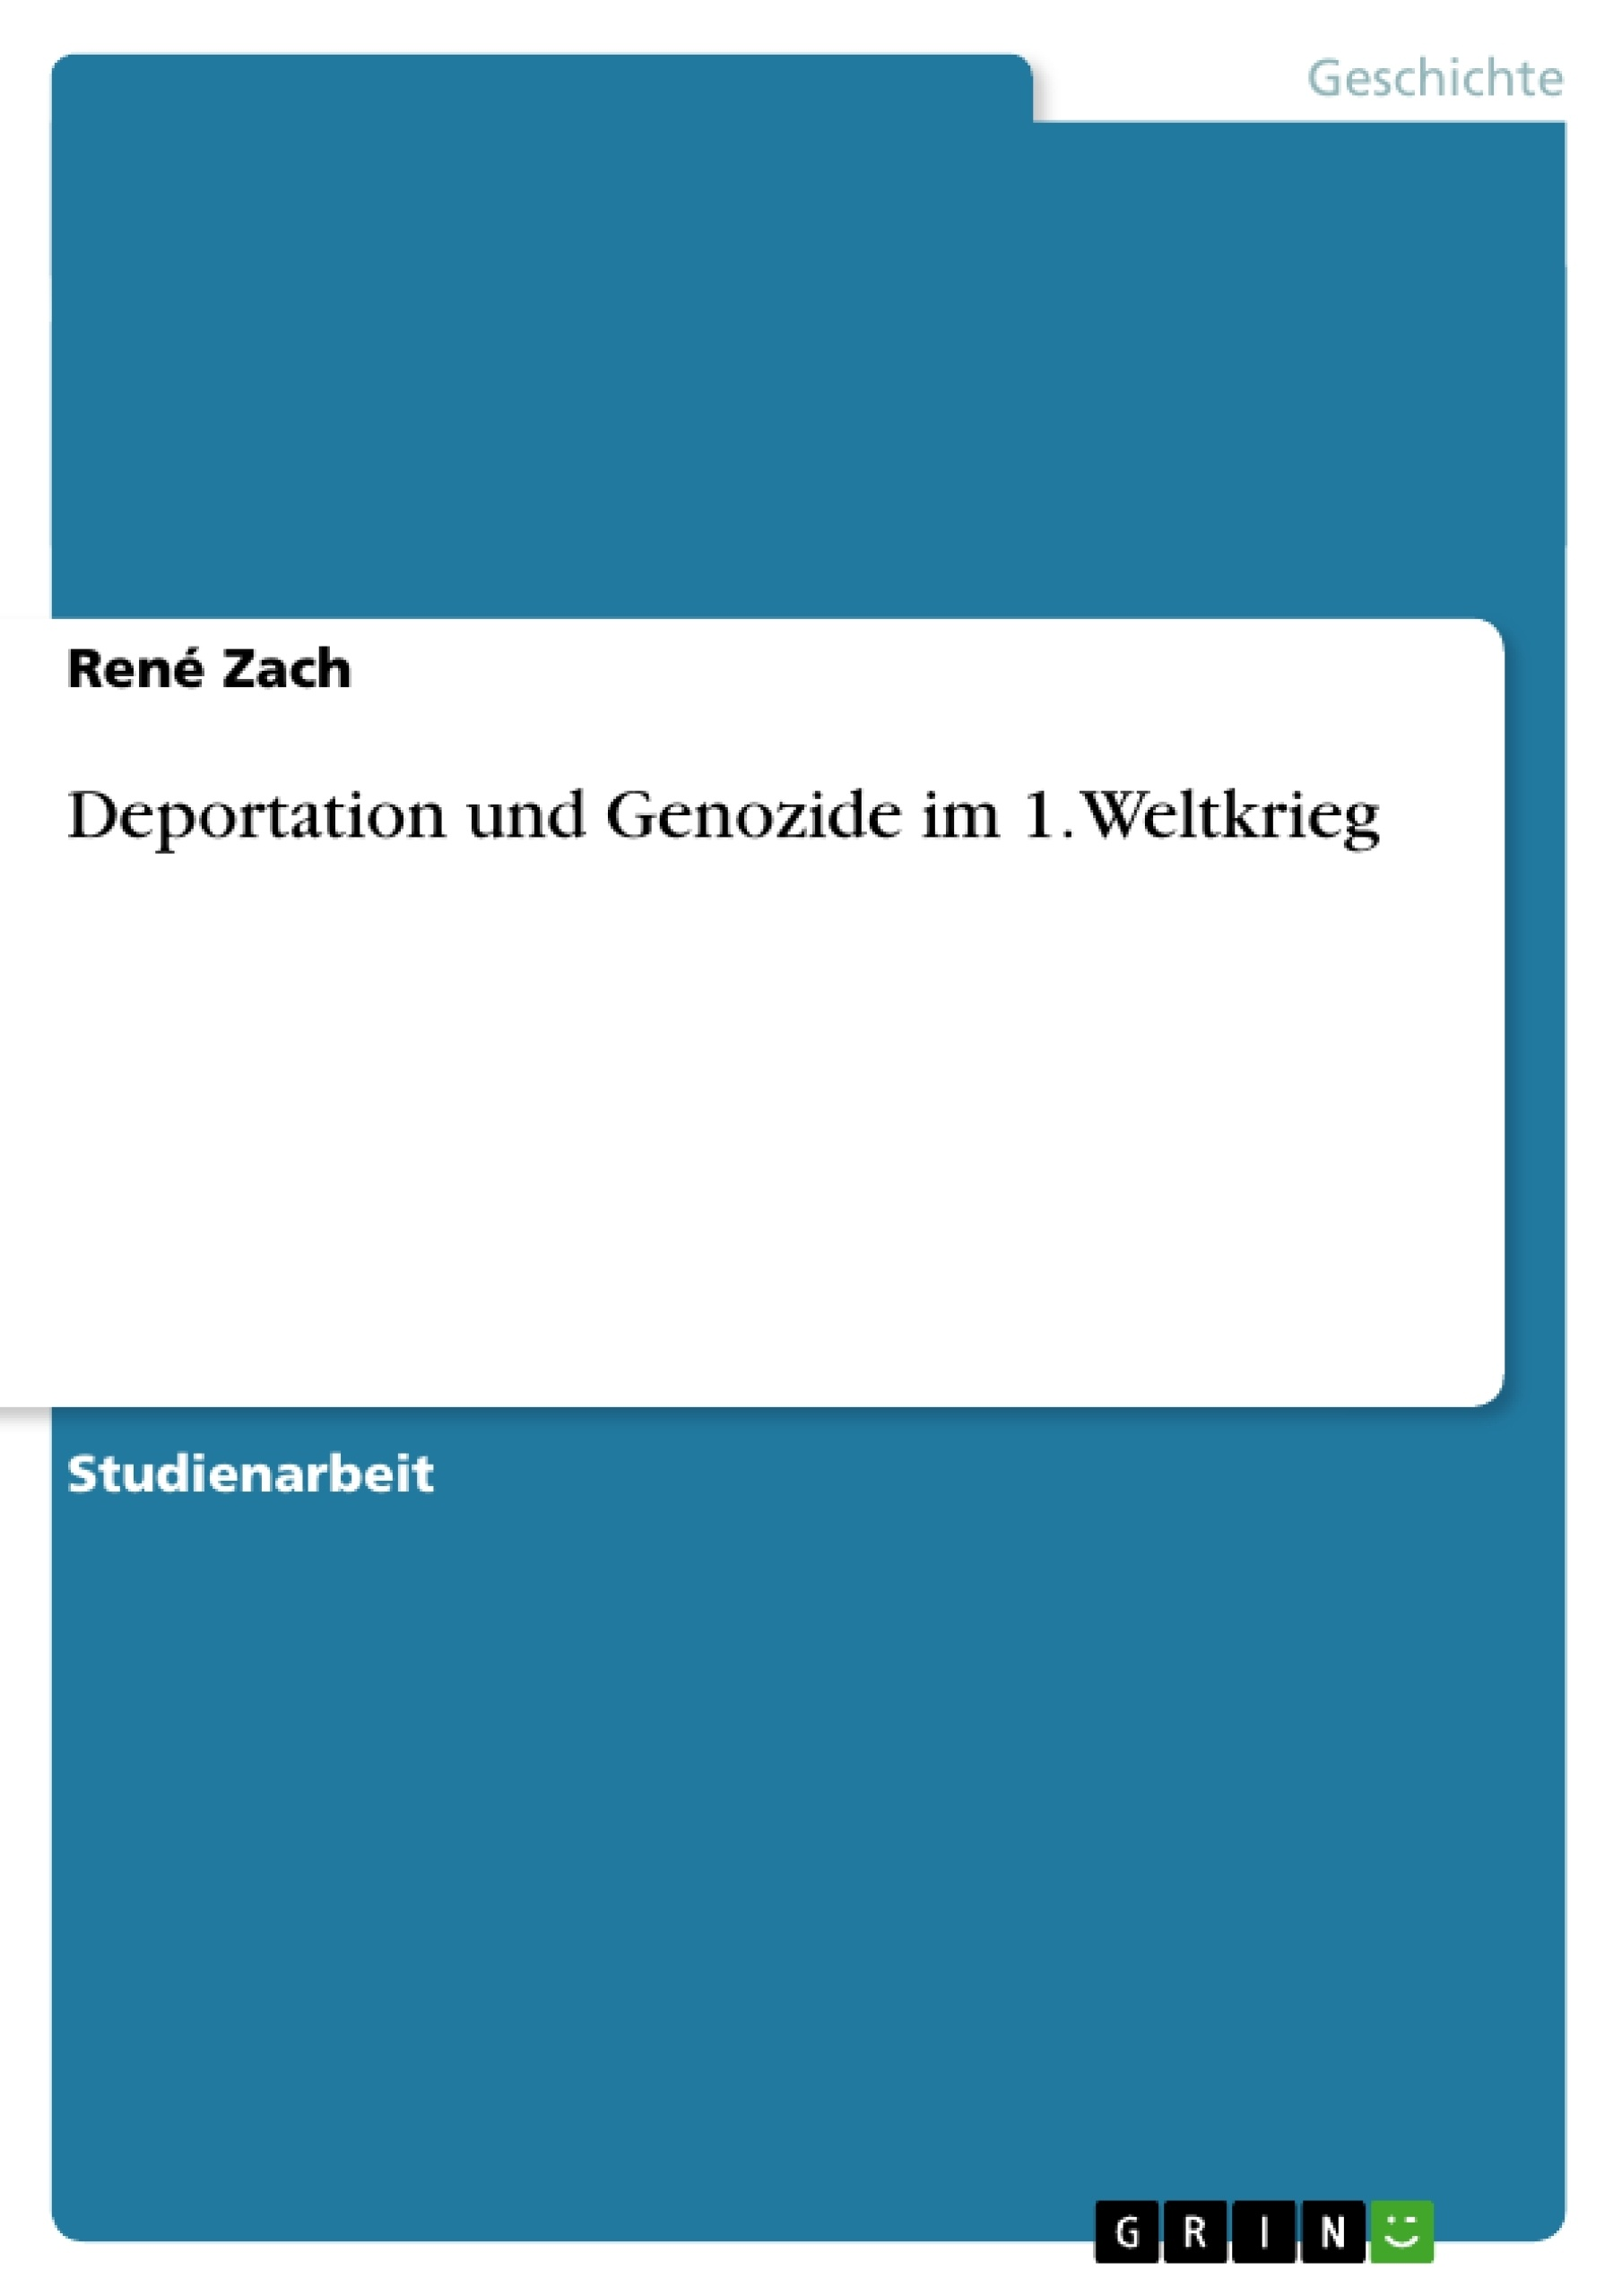 Titel: Deportation und Genozide im 1. Weltkrieg